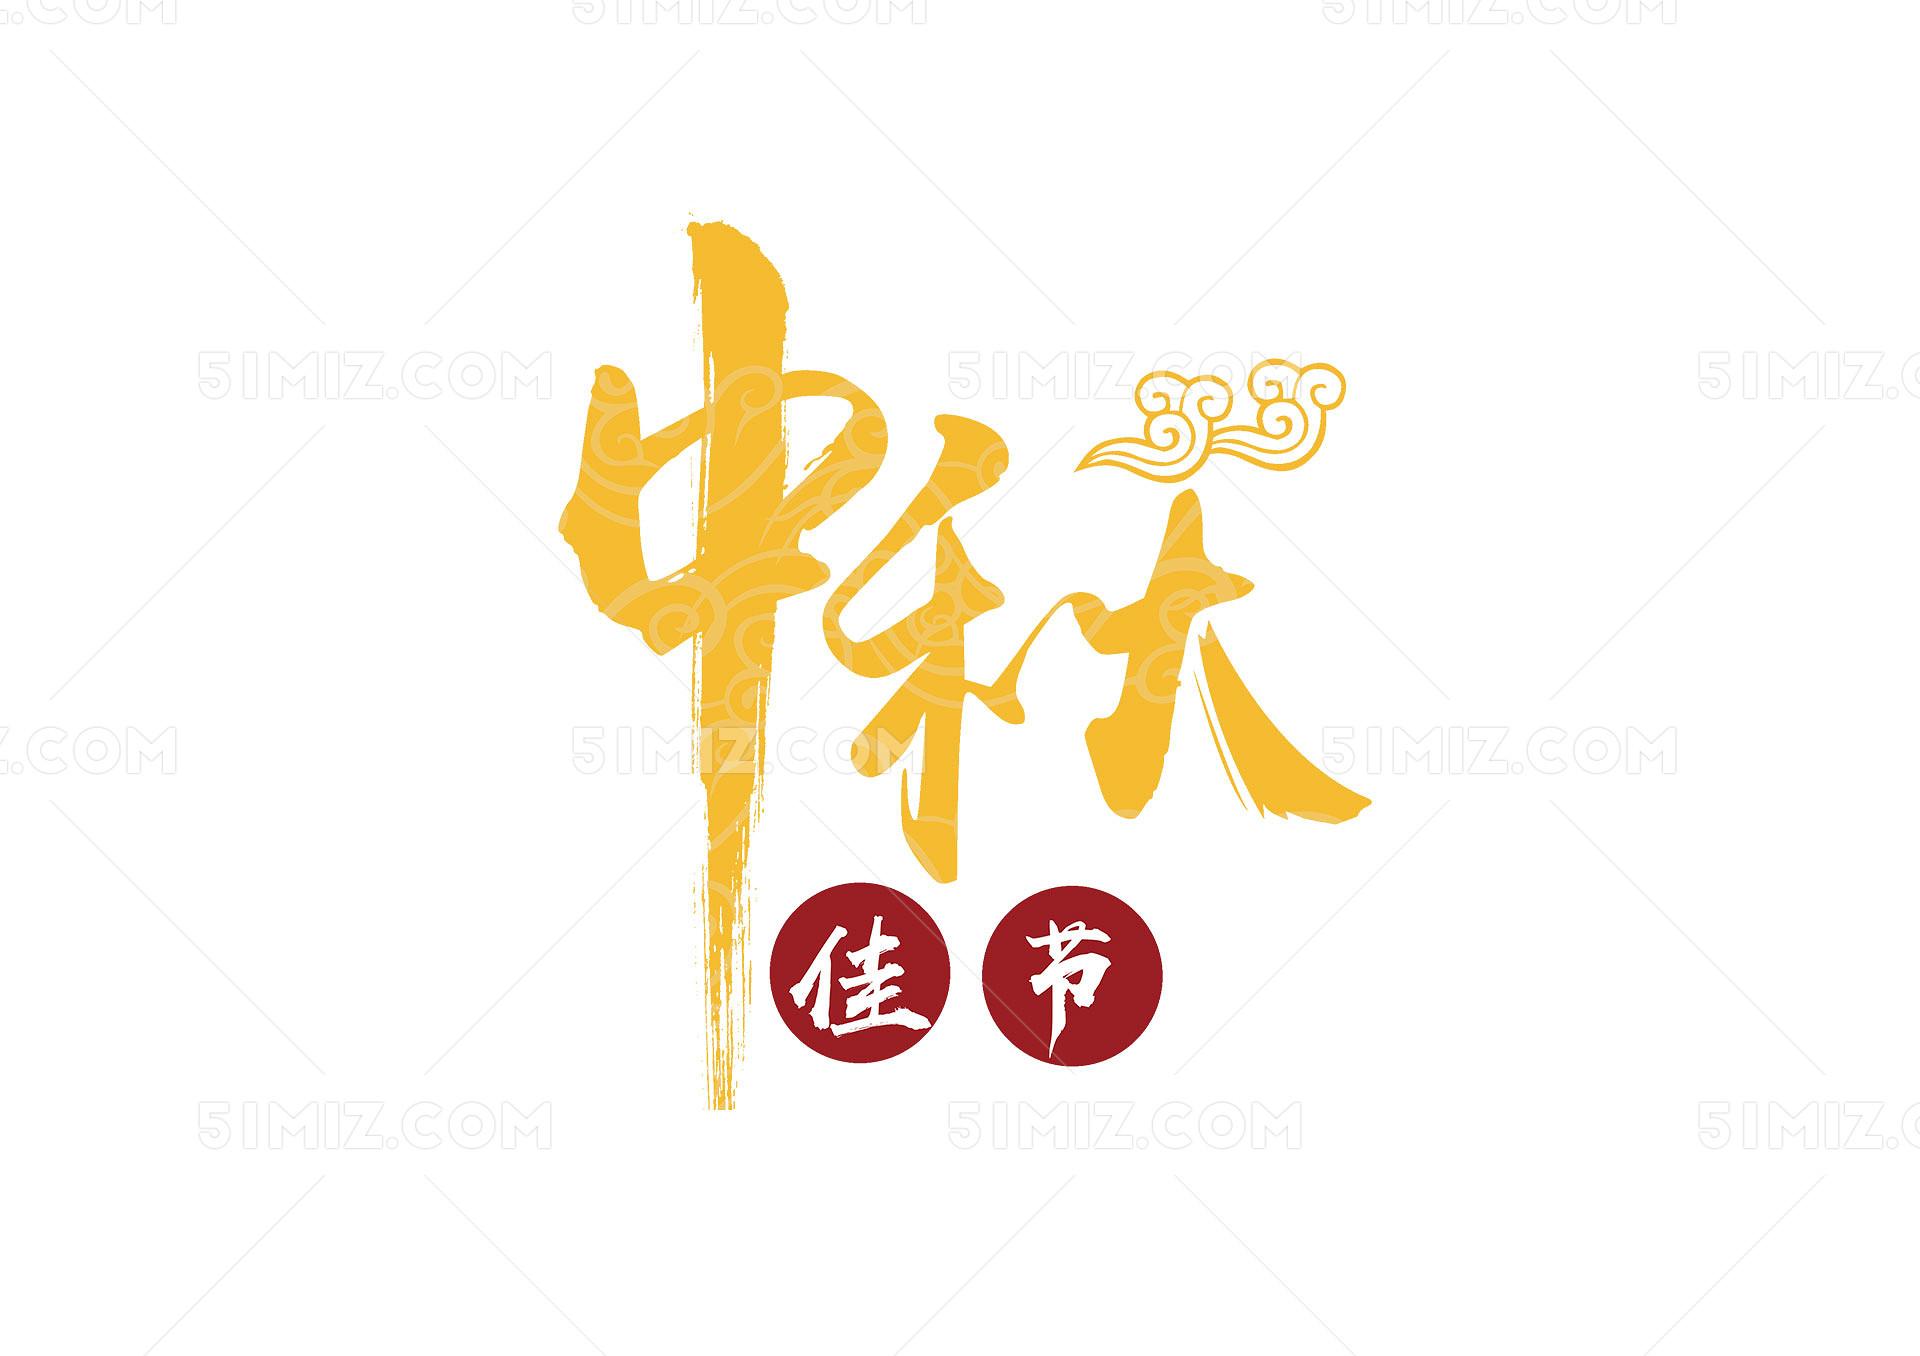 黄色古风毛笔字中秋艺术字免费下载_png素材_觅知网